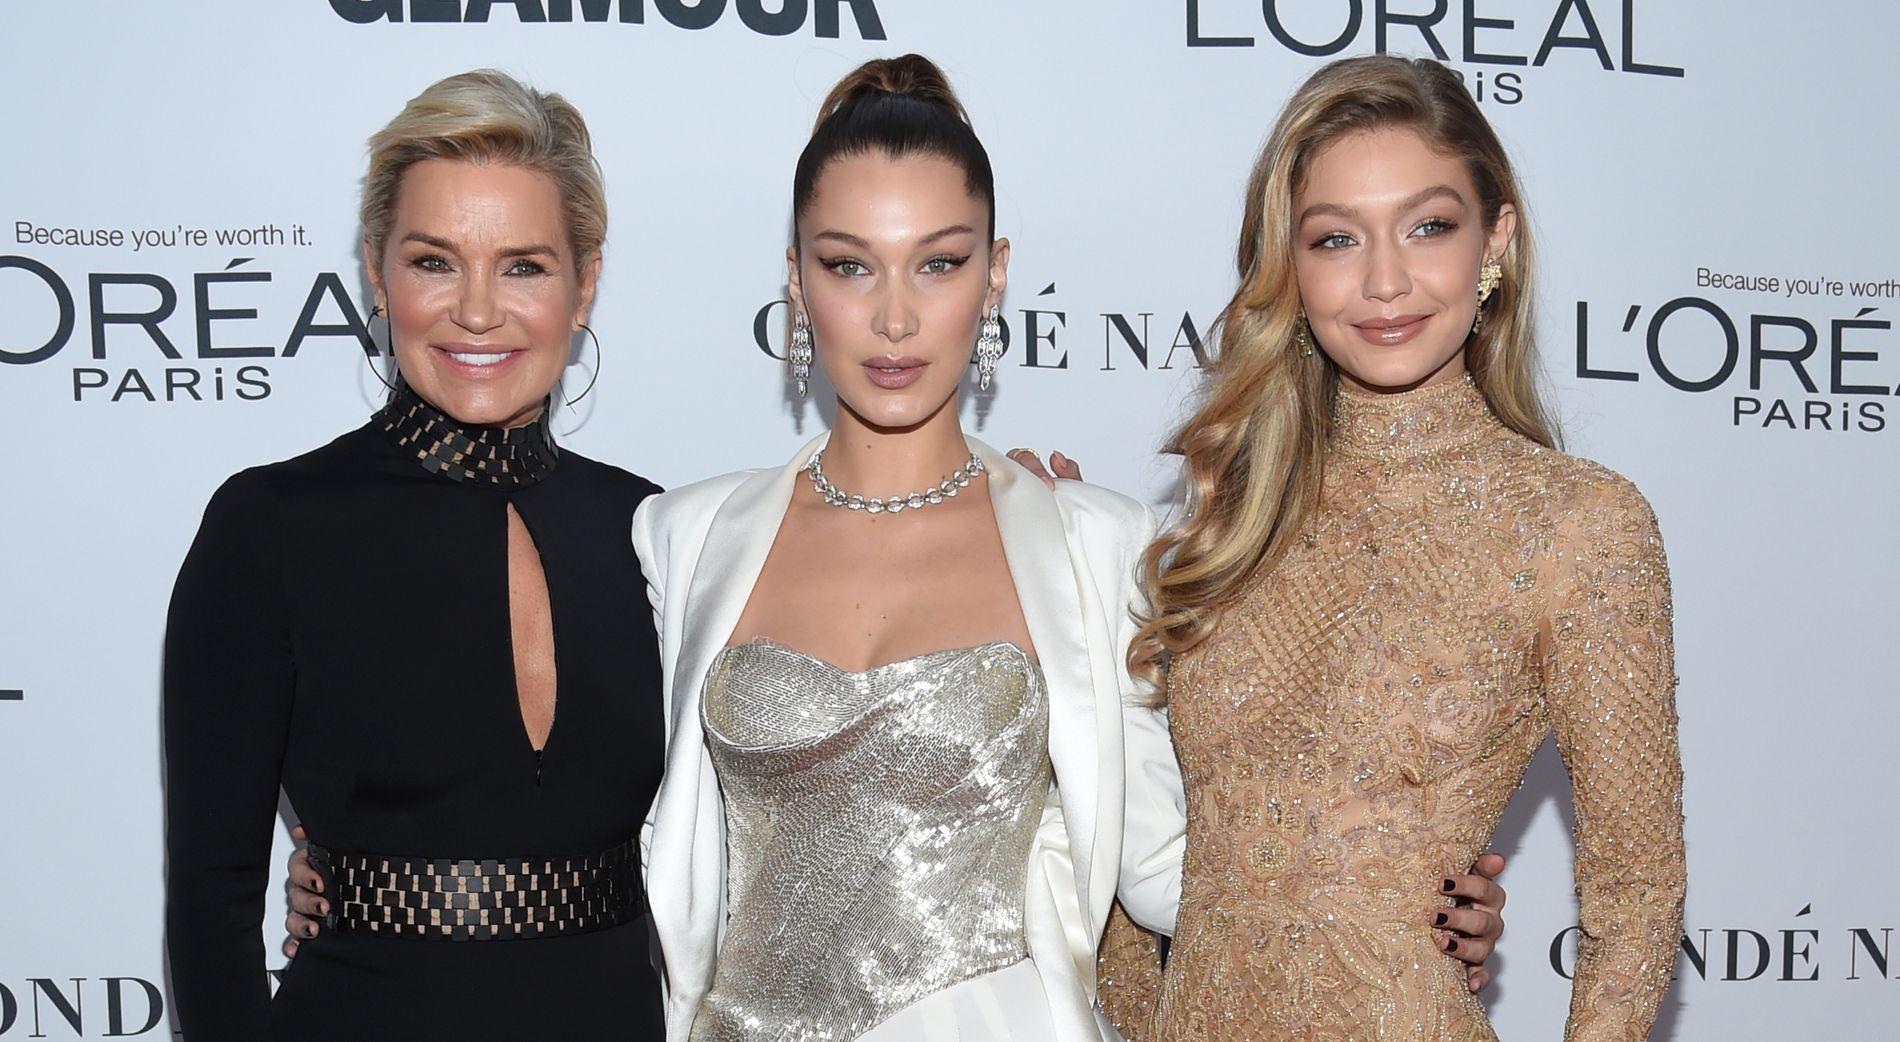 MODELLTRIO: Yolanda Hadid og døtrene Bella og Gigi Hadid på Glamour Women of the Year Awards i New York i 2017.